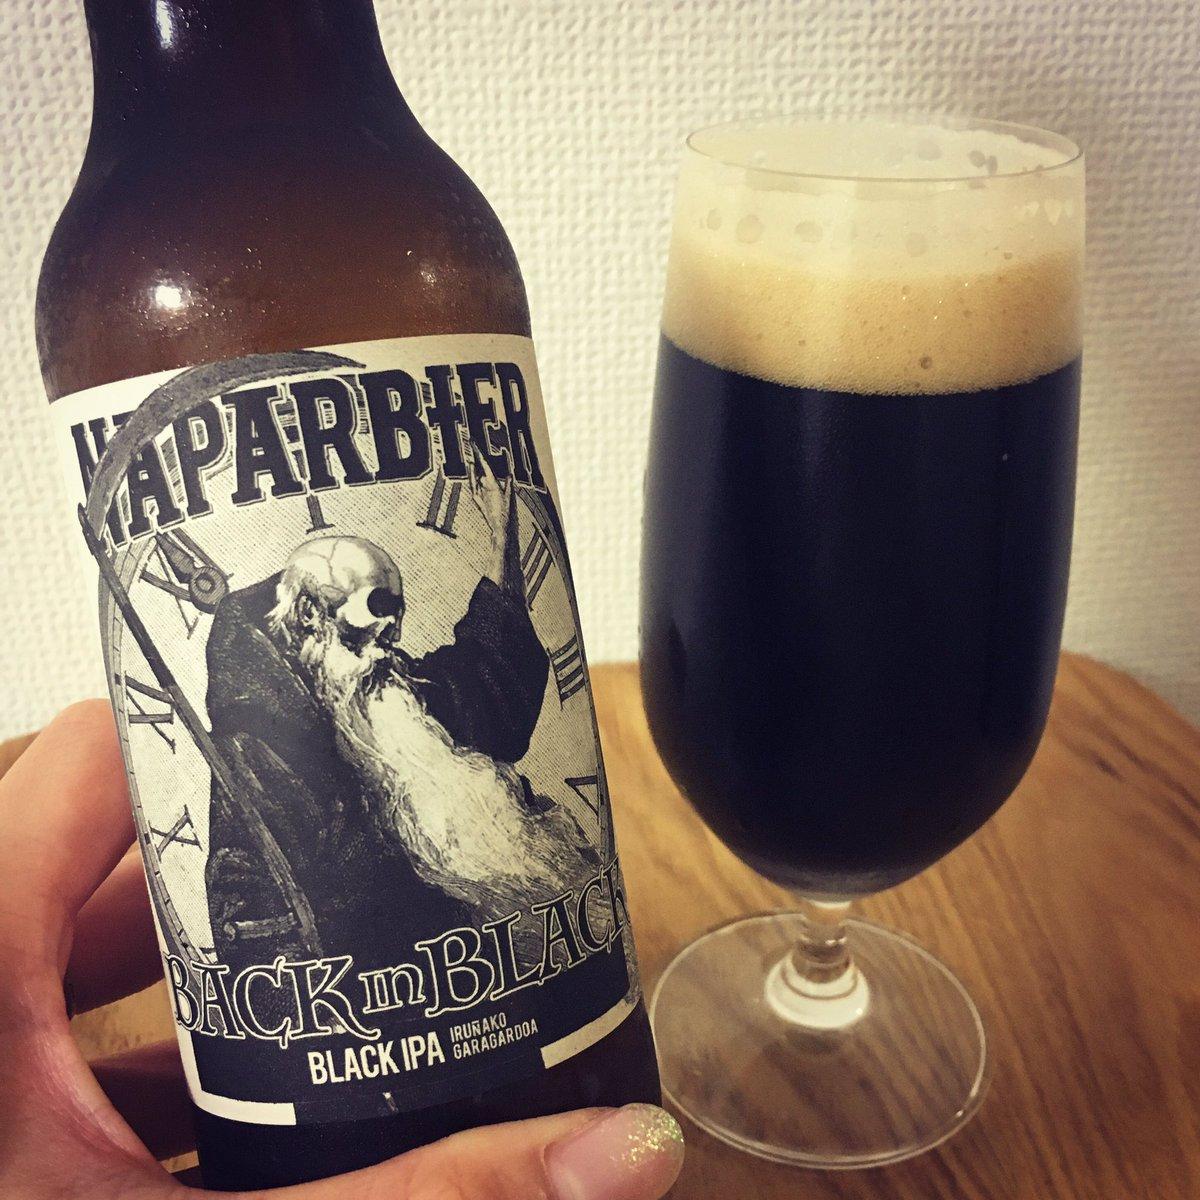 気をつけなはれや!! #ビール女子 #beer #NAPARBIER #backinblack #BLACKIPA #強め #お疲れ様 ht...